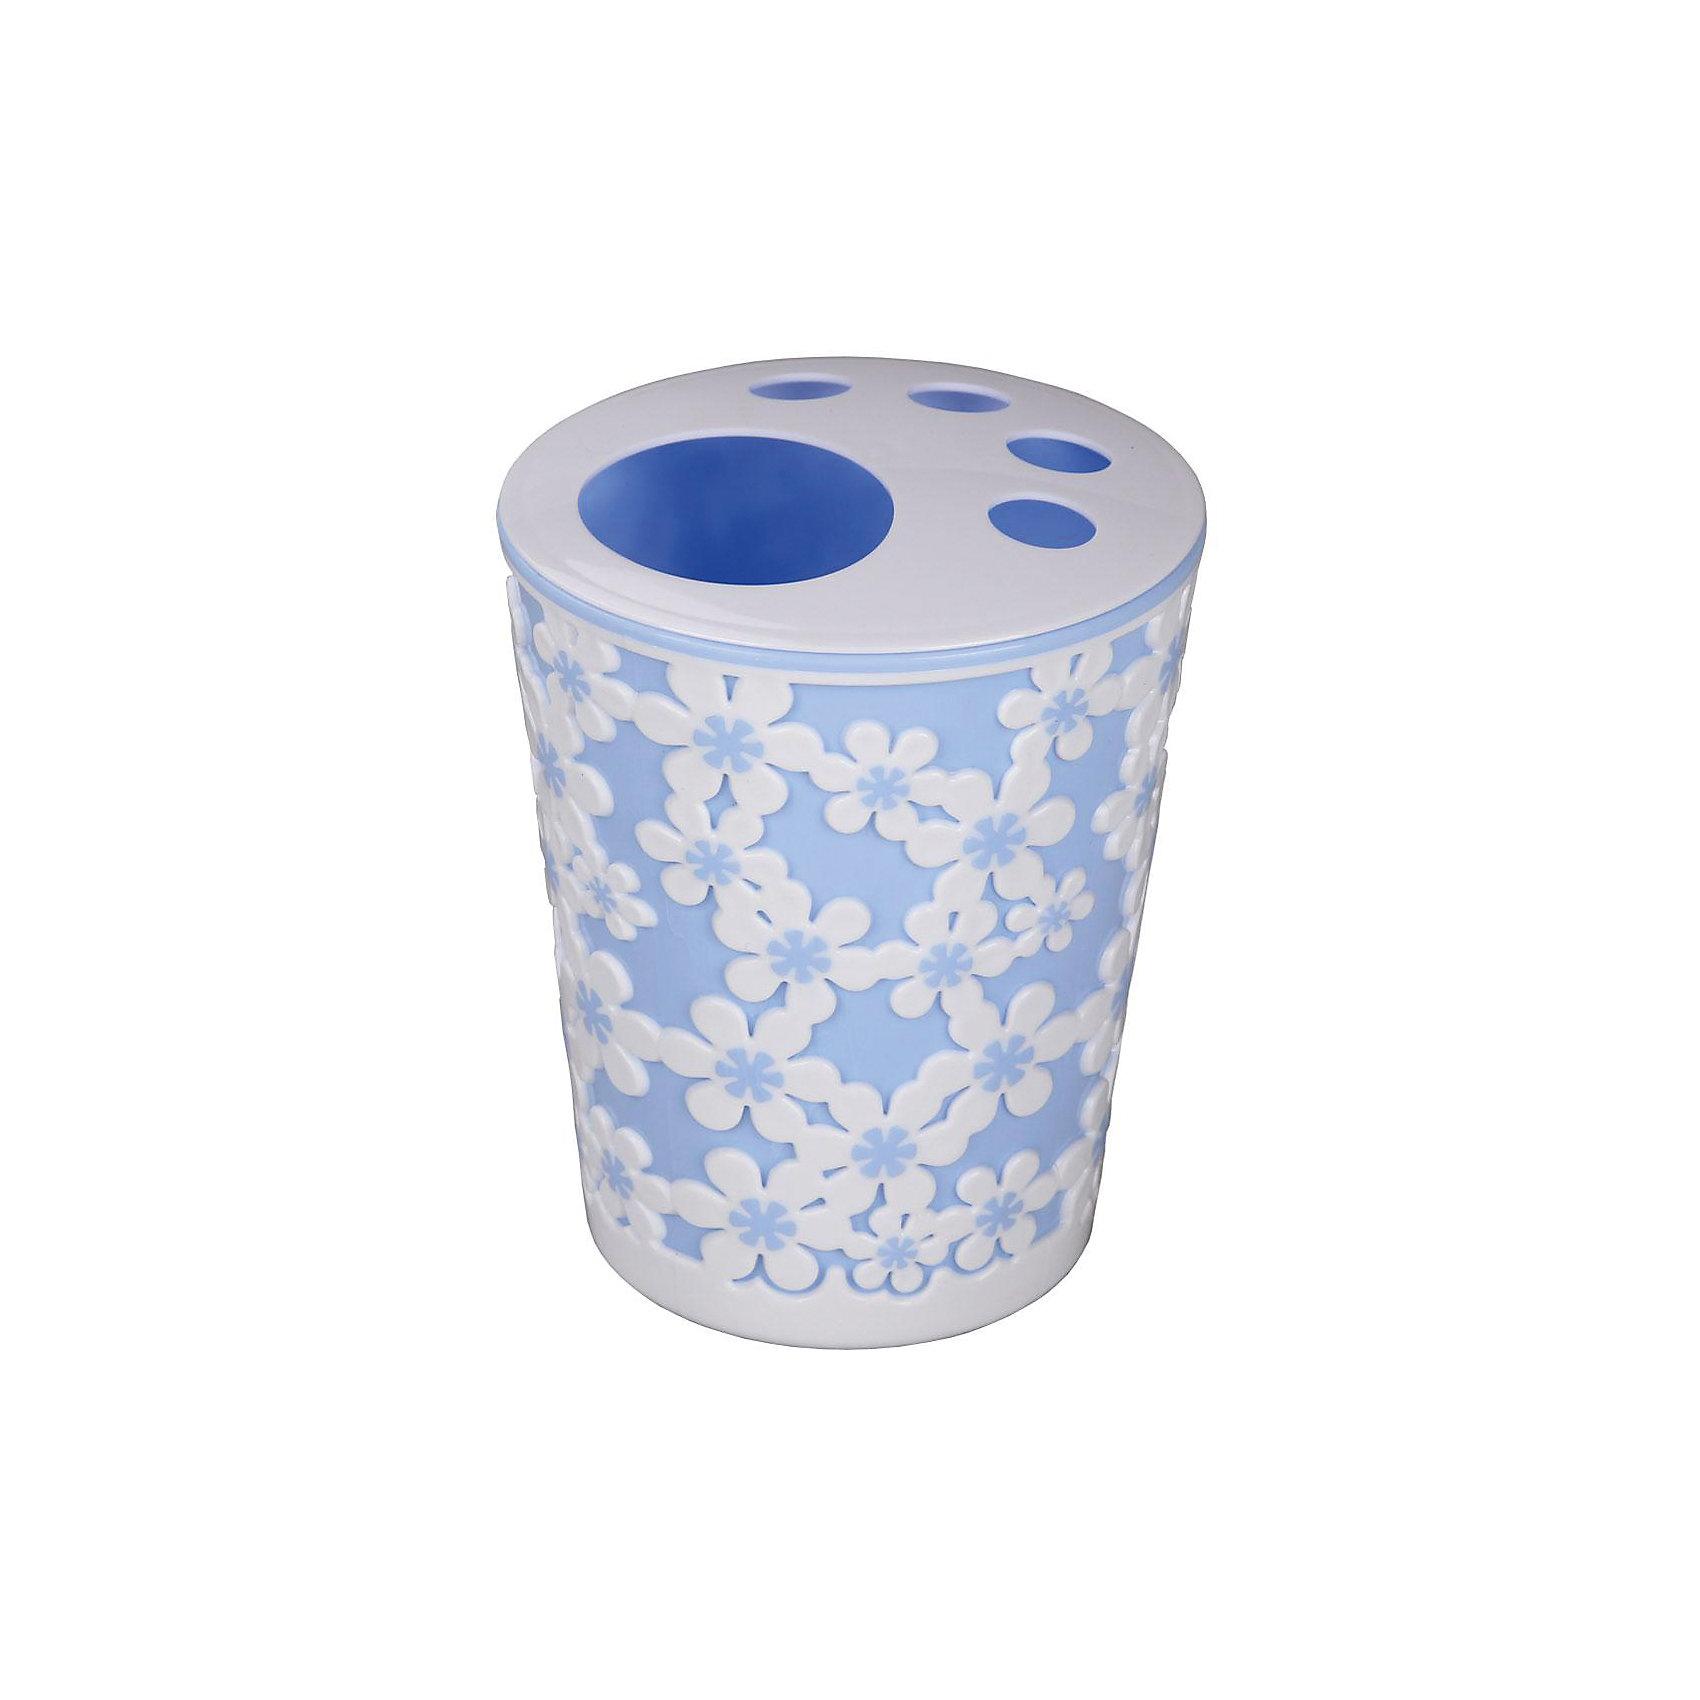 Alternativa Подставка Дольче Витадля зубных щеток, Alternativa, голубой-белый стаканчик для зубных щеток wasserkraft wern 7528 9060516